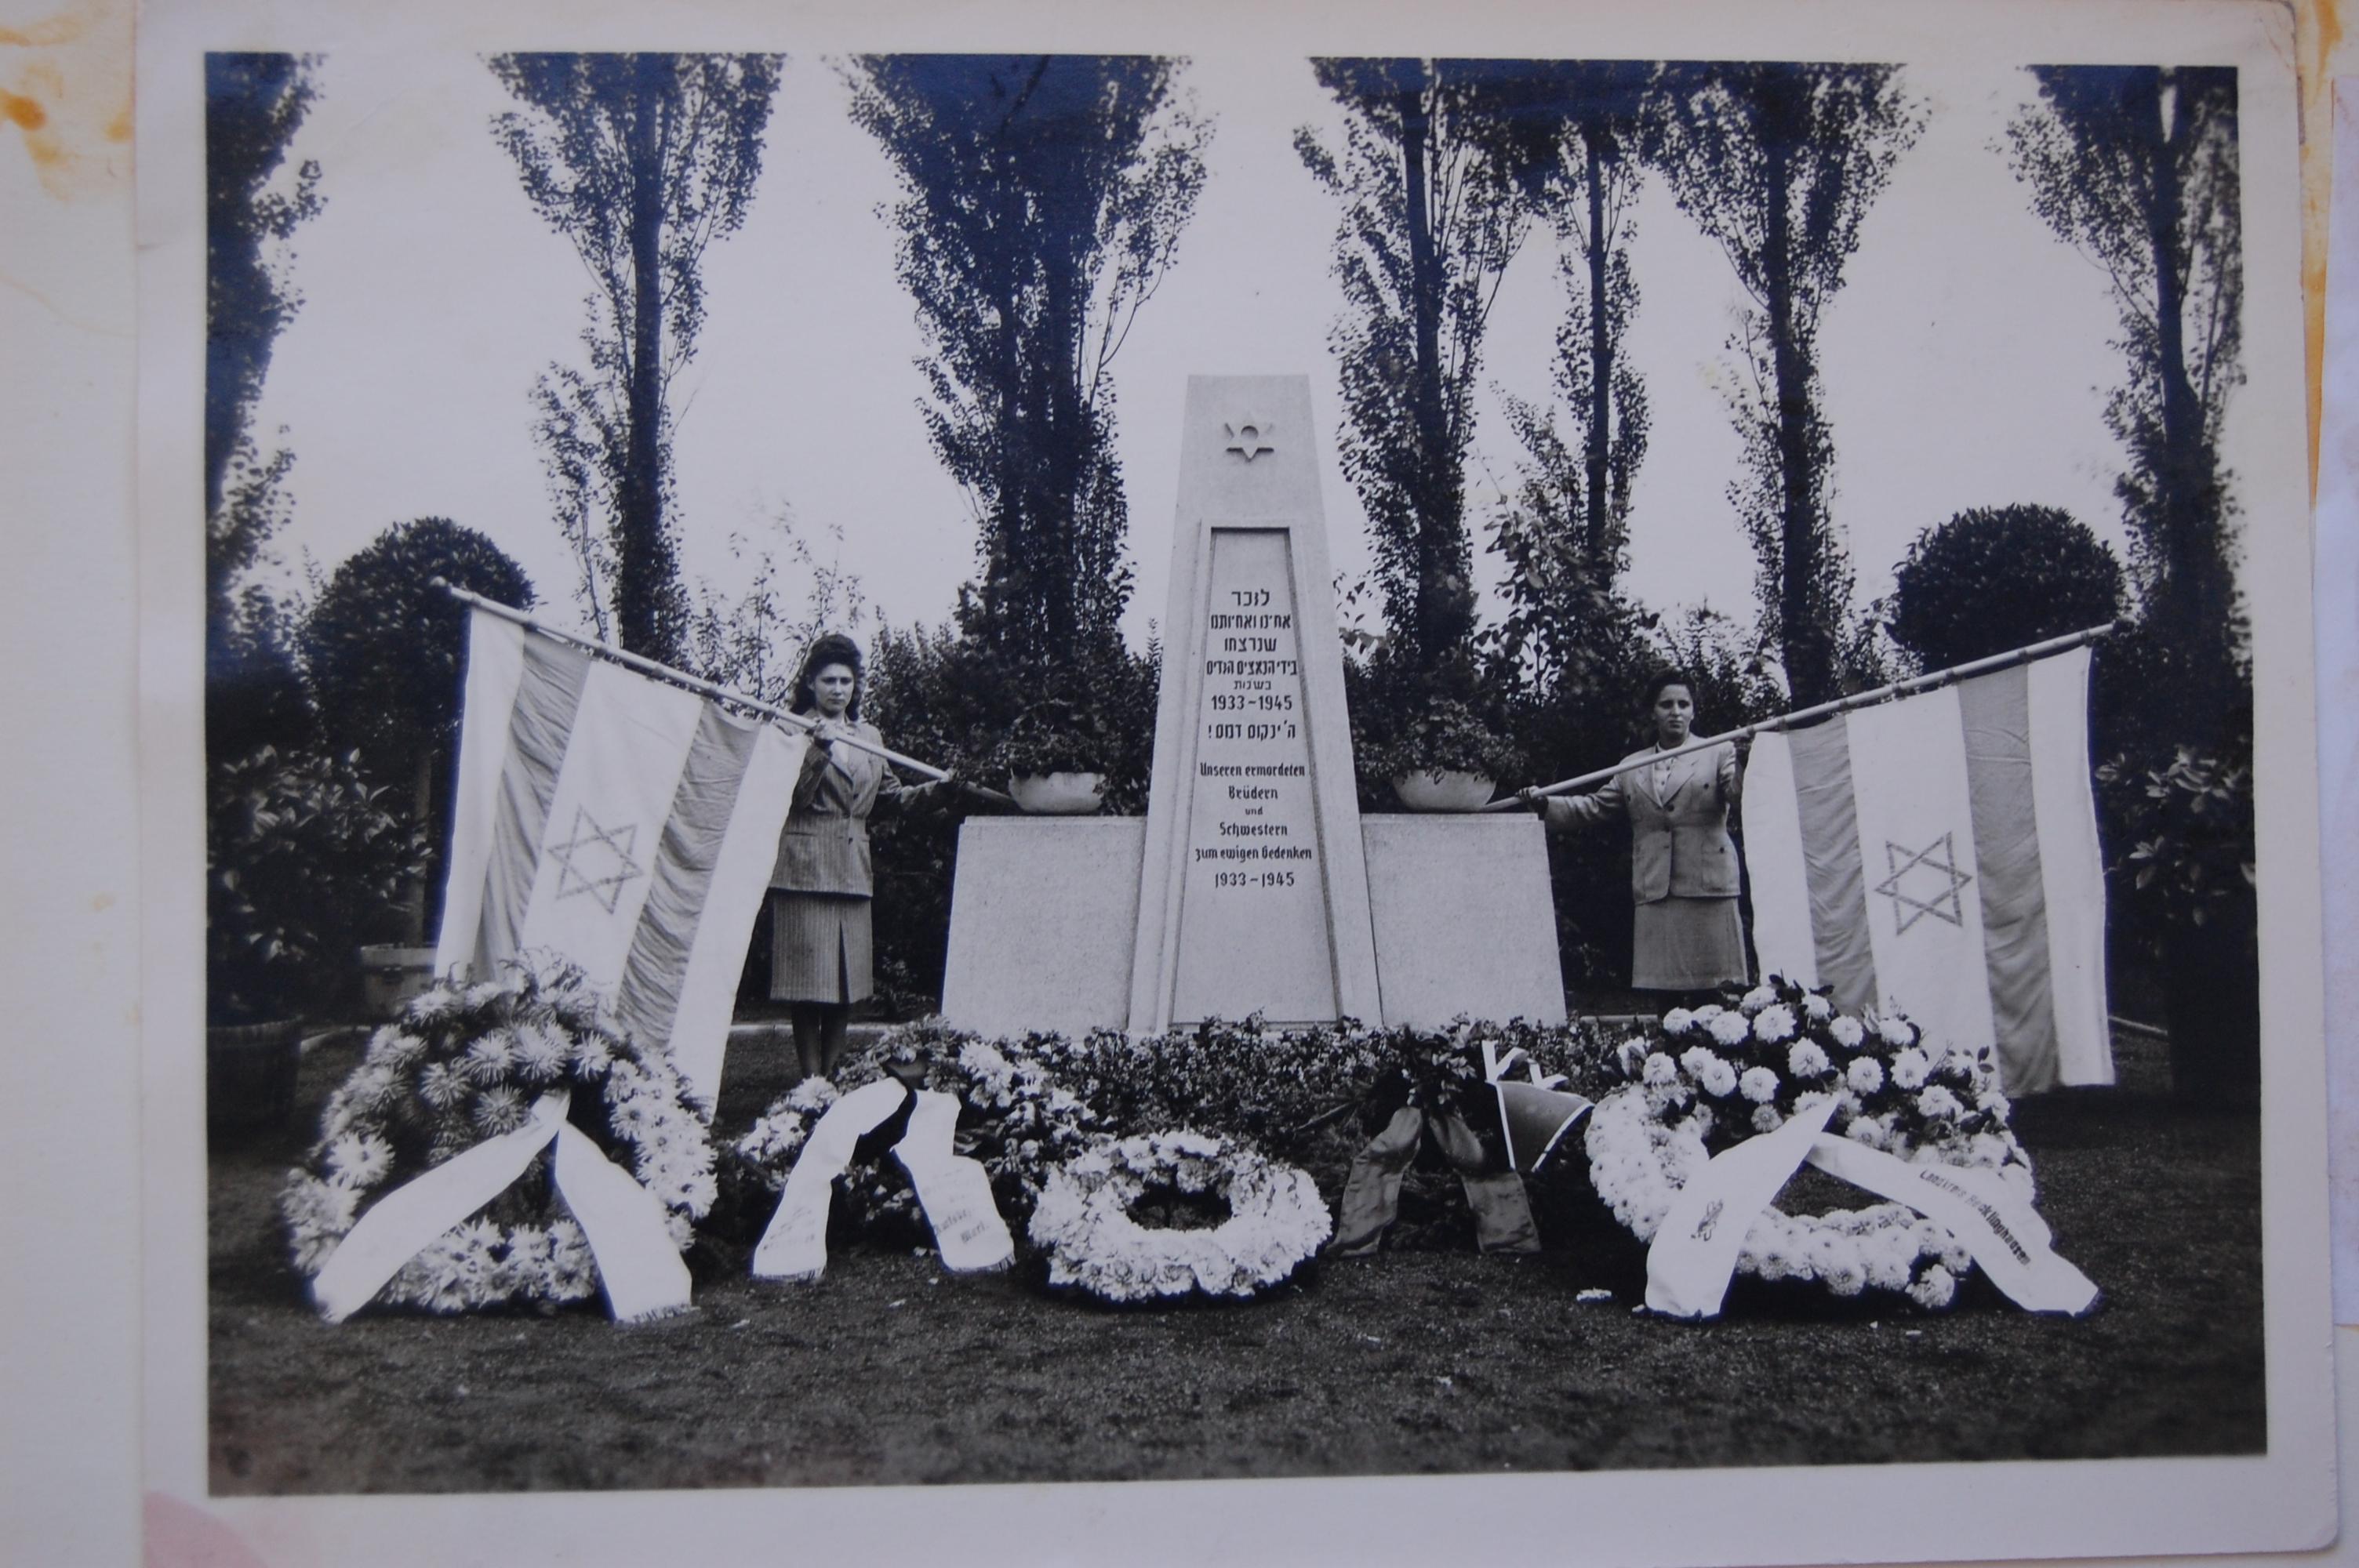 Irma Salomons (r.) und Ruth Eichenwald (l.) bei der Einweihung des Mahnmals auf dem Jüdischen Friedhof am Nordcharweg 1948 (Foto: Archiv Georg Möllers)